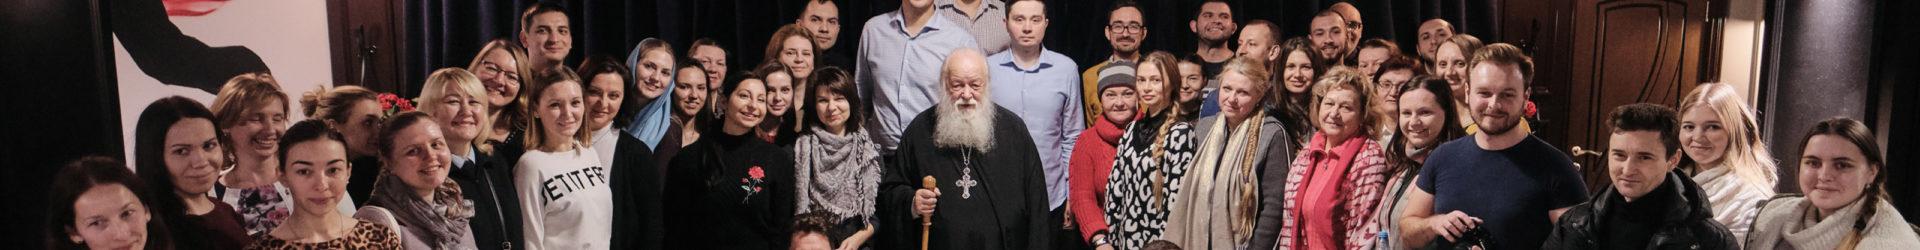 OrthodoxBRO